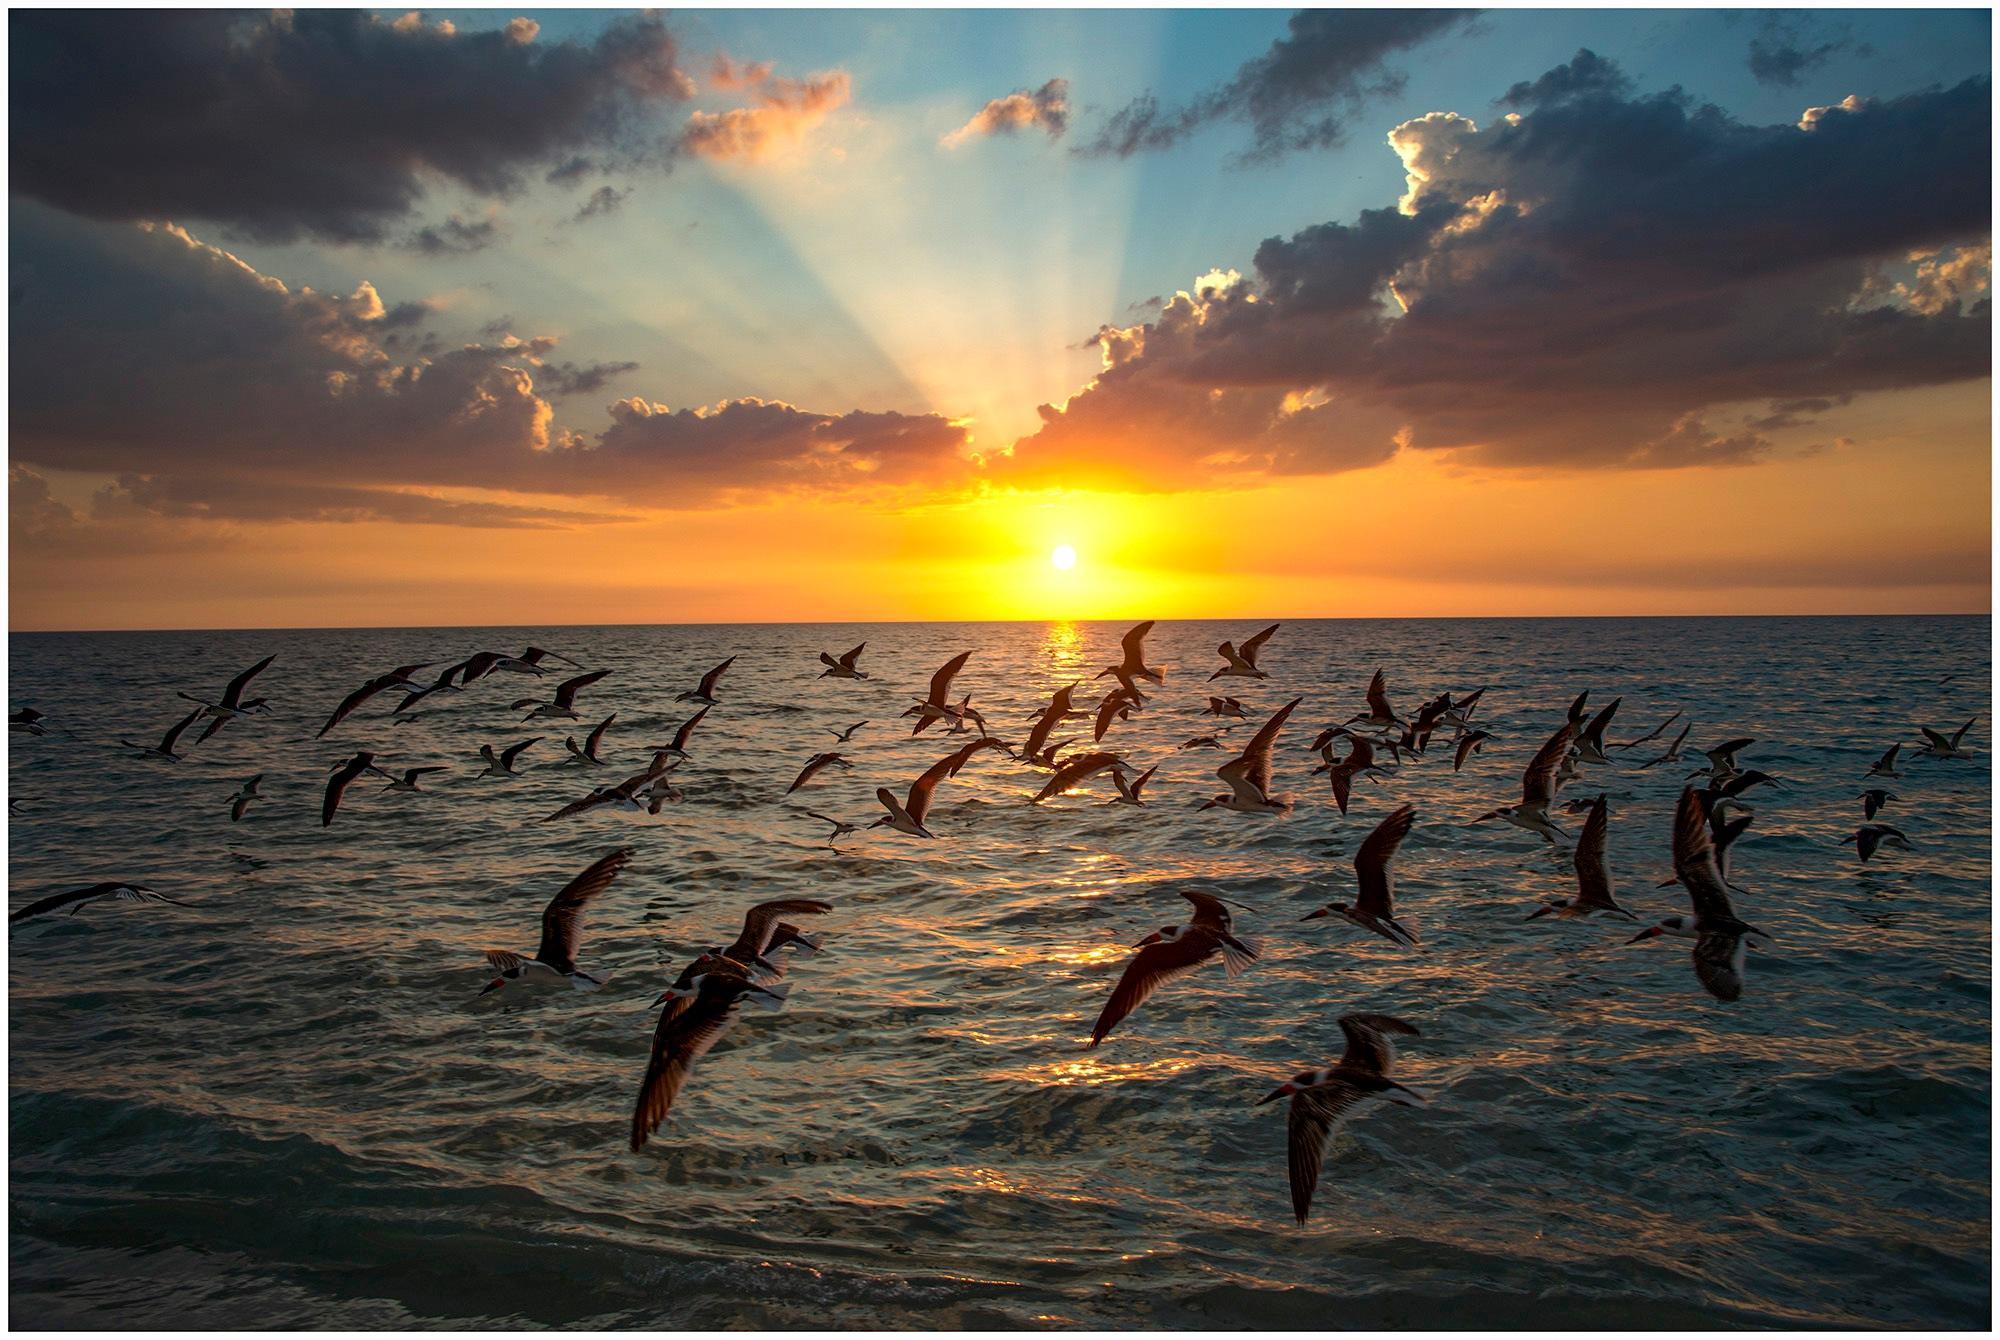 Sunset at Vanderbilt Beach by tedurquhart1